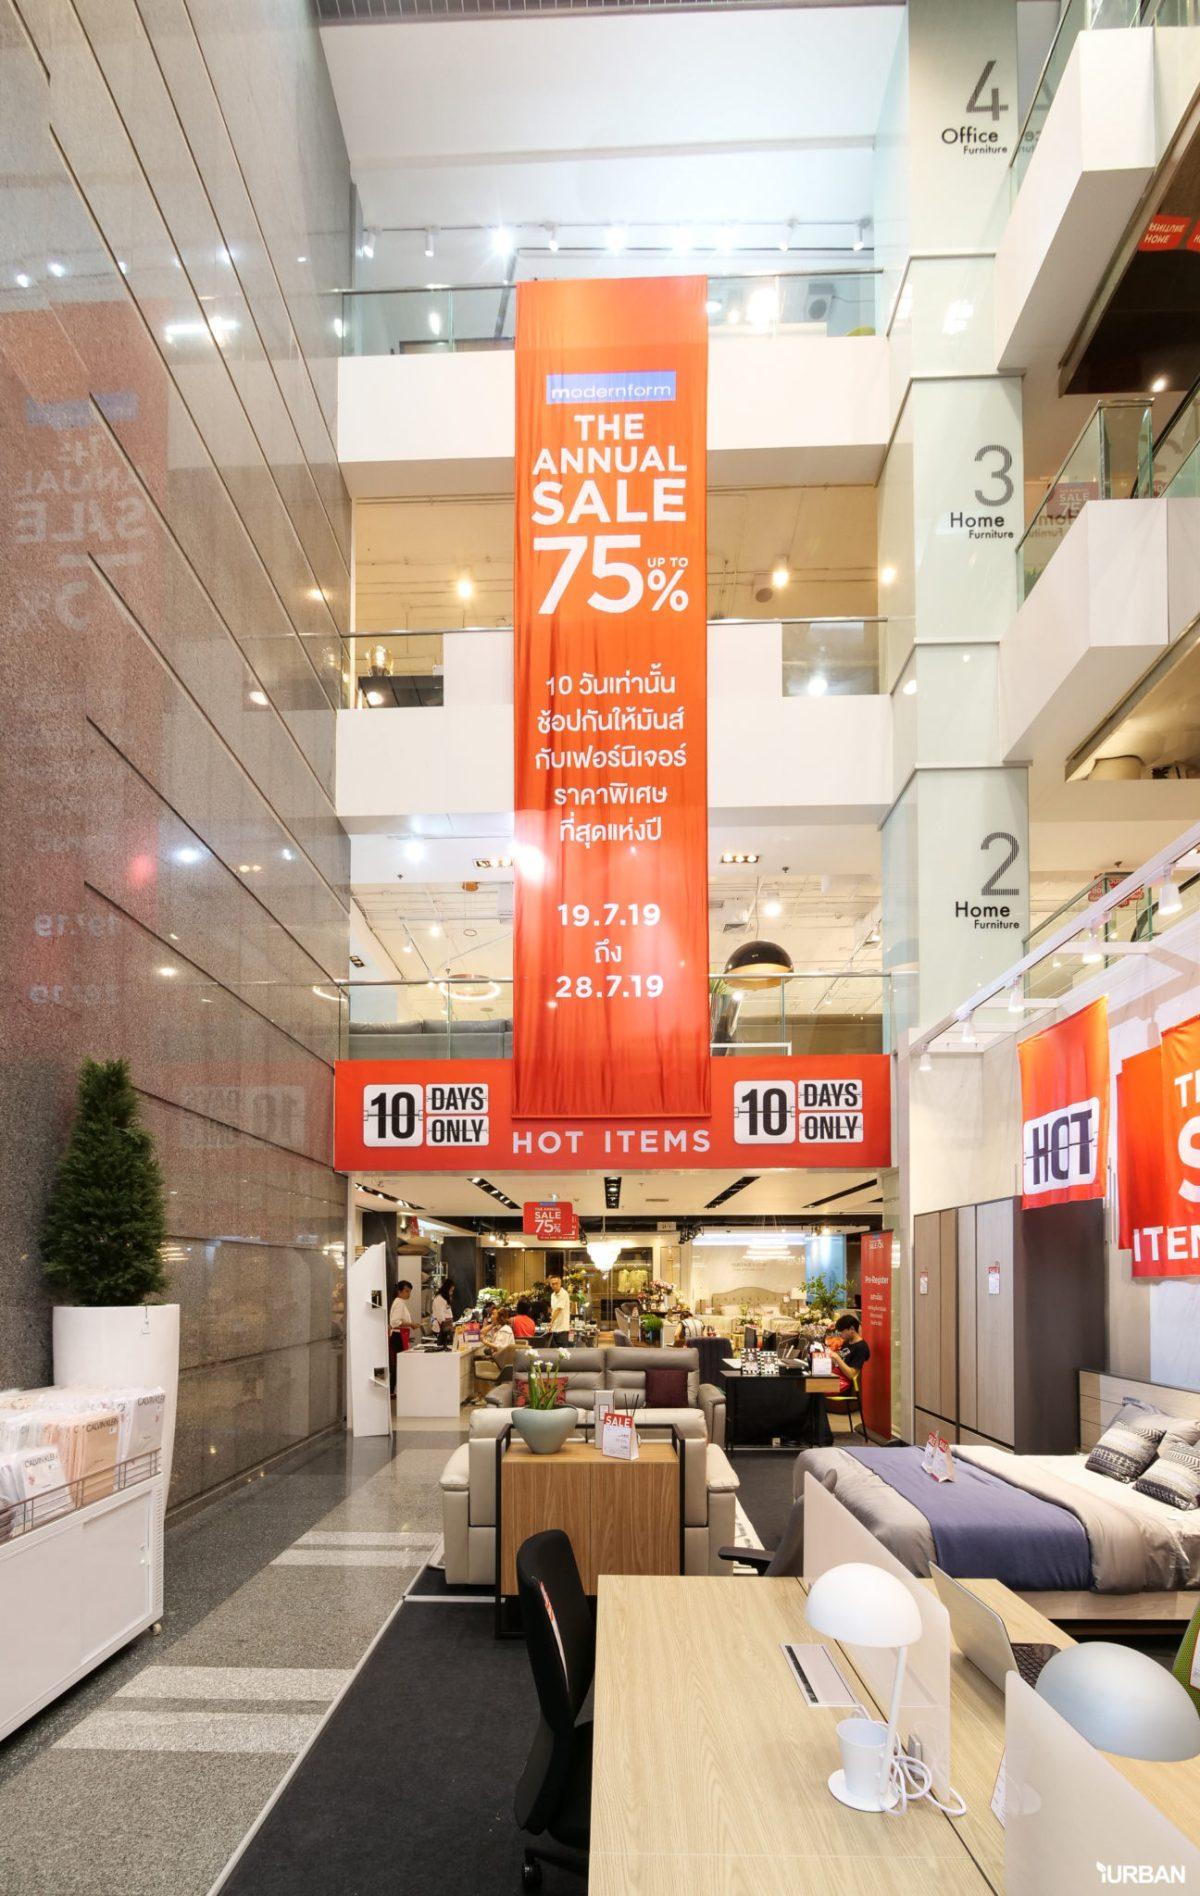 พาชม MODERNFORM ลดถึง 75% งาน The Annual Sale 2019 ปีนี้มีอะไรบ้าง? 127 - decorate